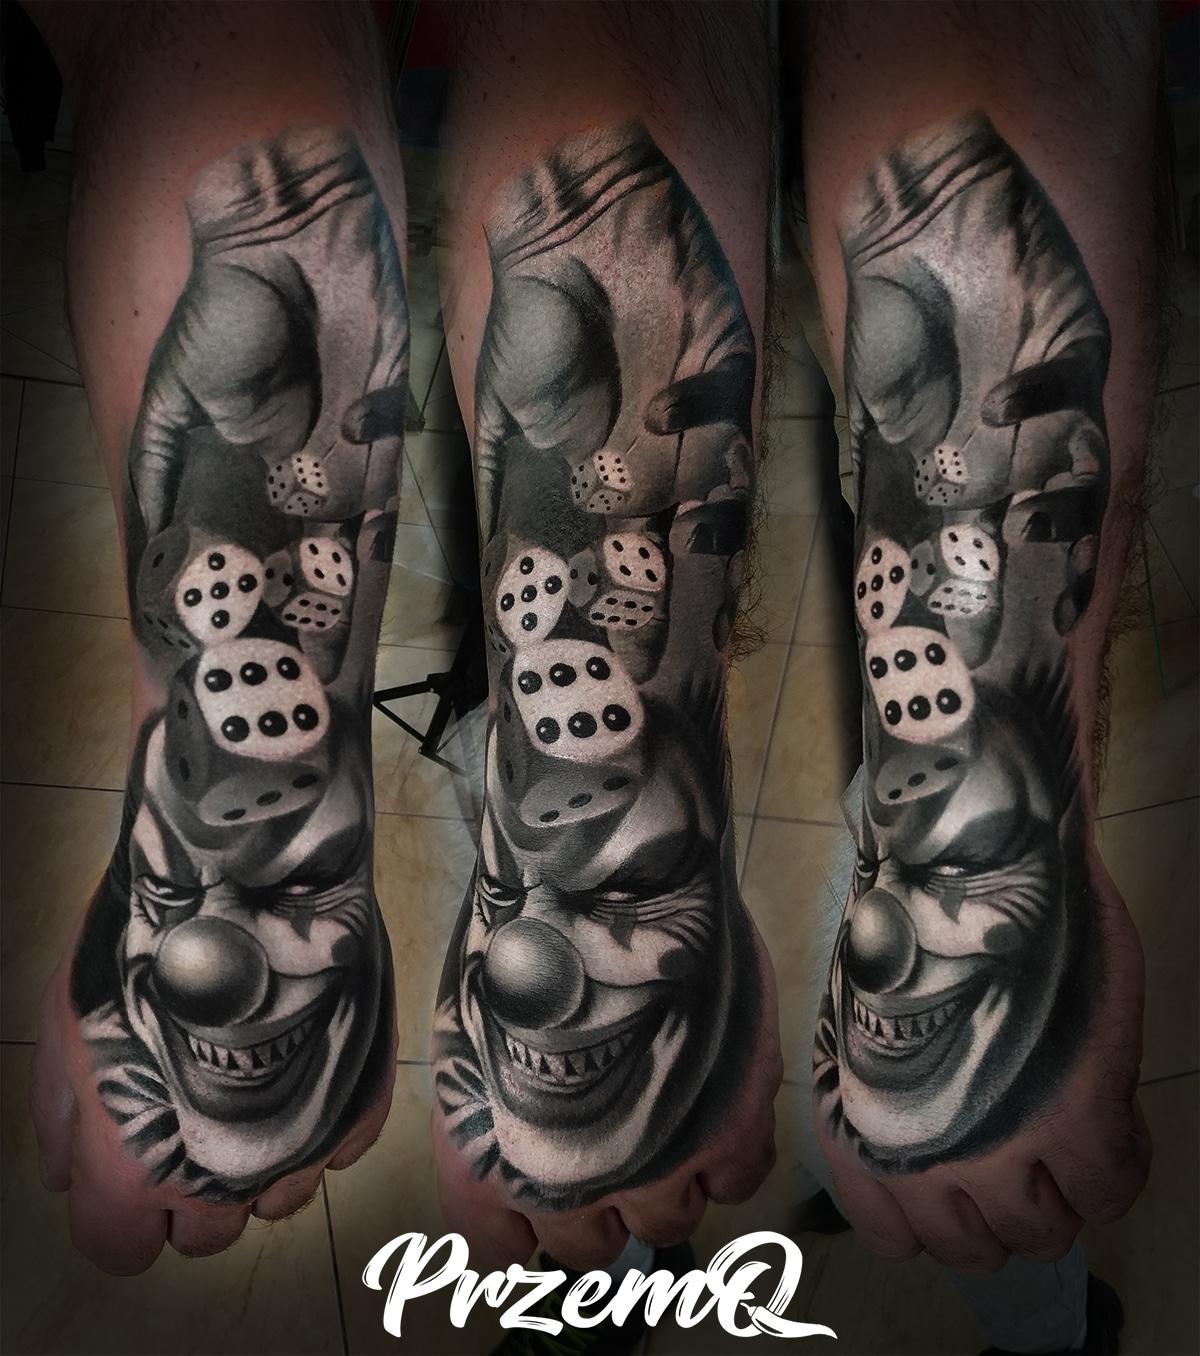 Gruseliges Clown Tattoo mit Würfeln